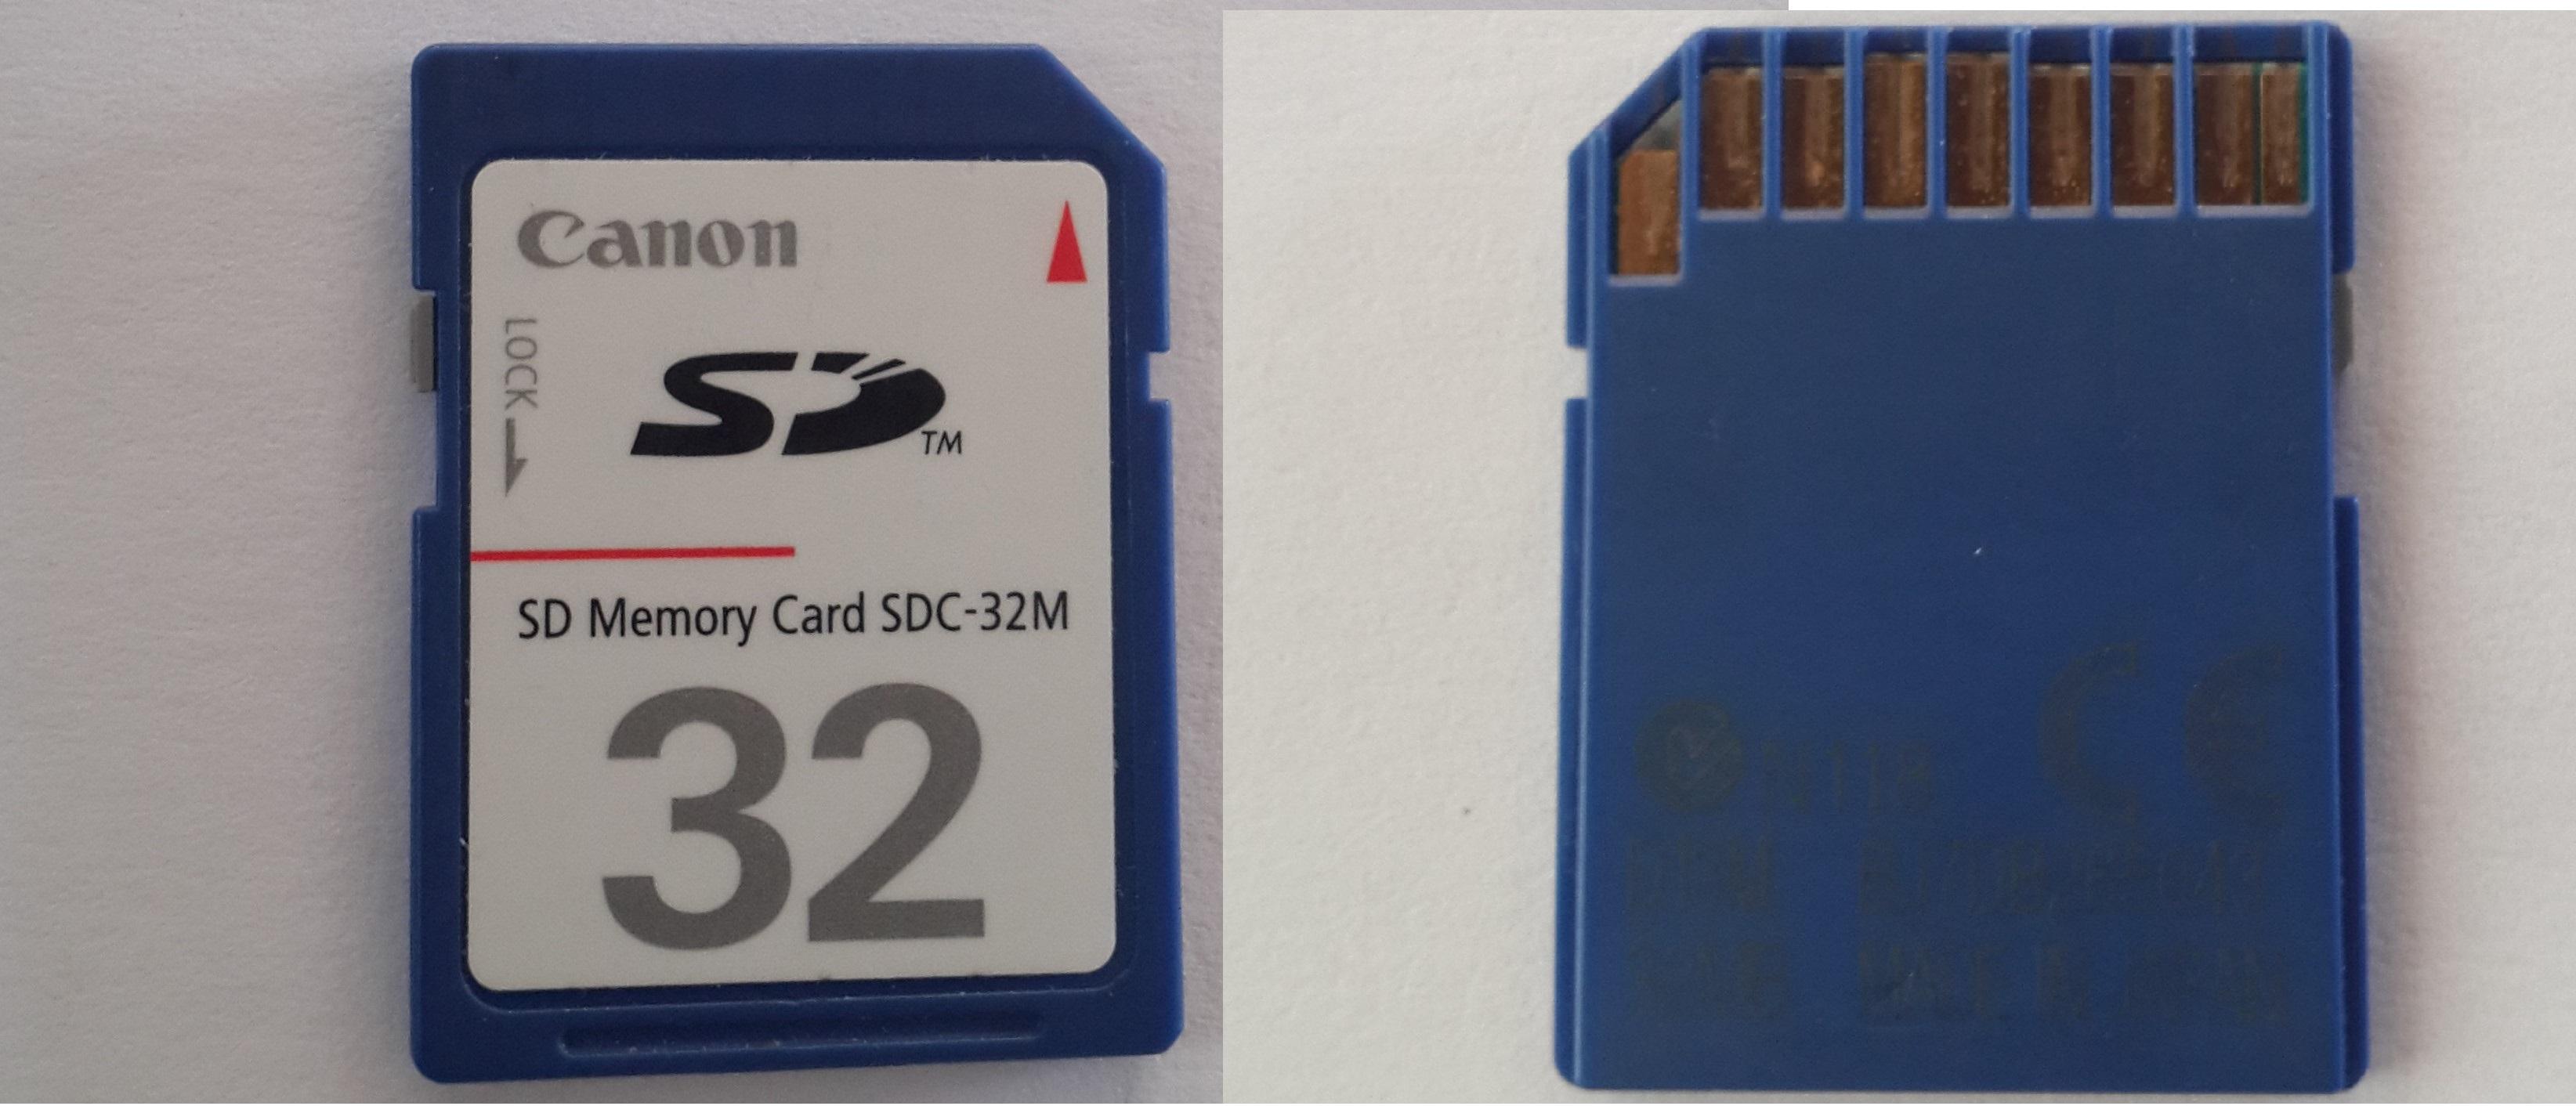 CANON SDC-32M DRIVER DOWNLOAD FREE